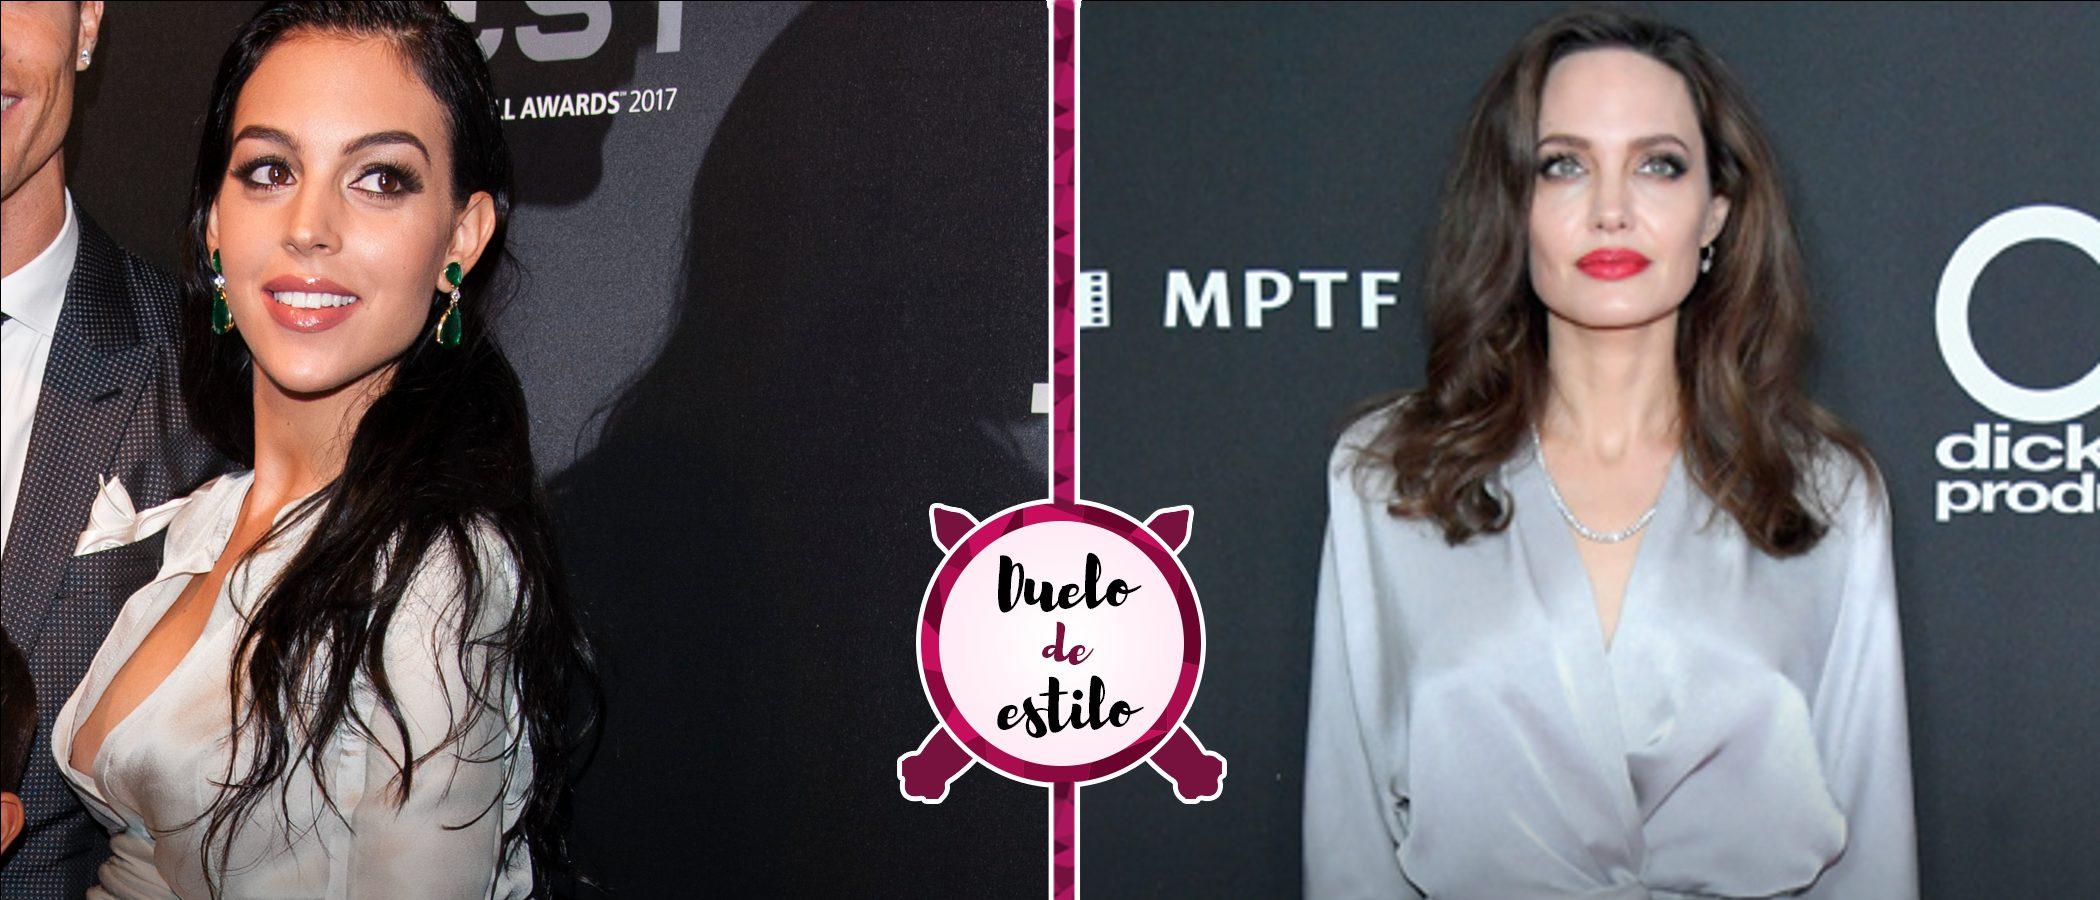 Georgina Rodríguez y Angelina Jolie apuestan por un look muy parecido. ¿A quién le sienta mejor?